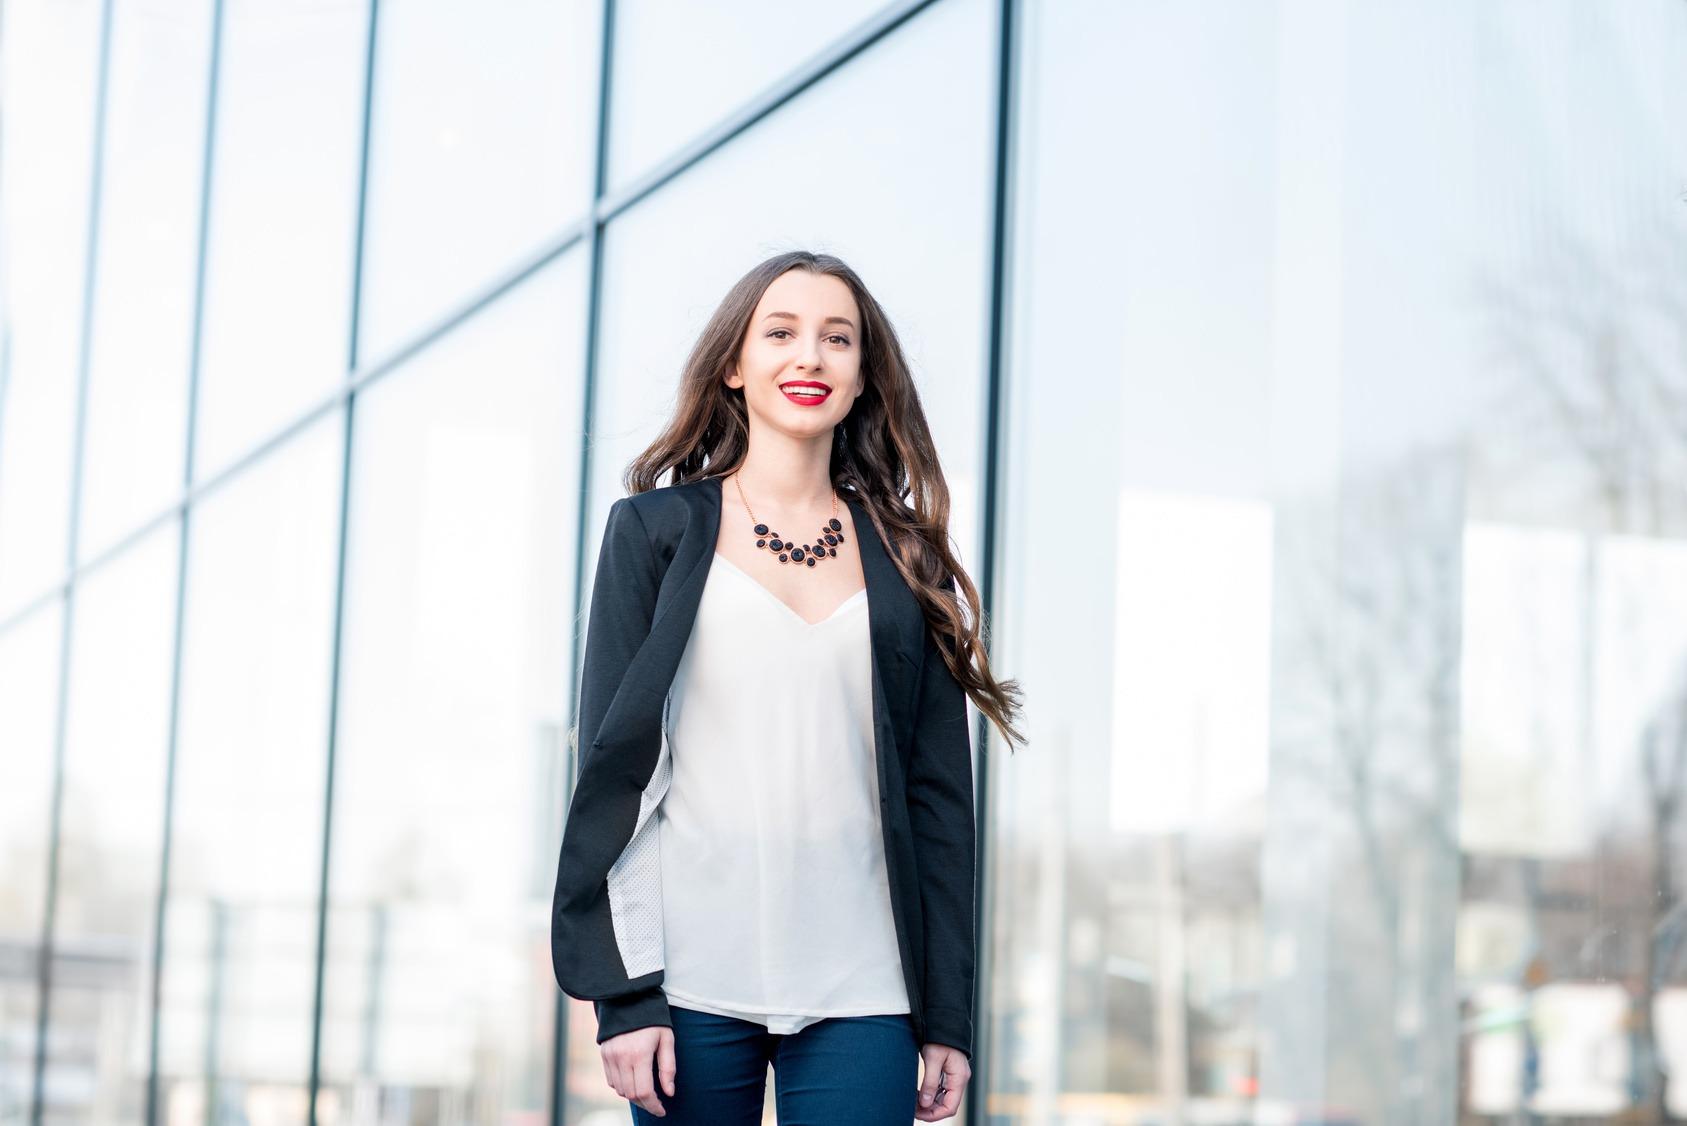 Eine junge Bewerberin läuft vor einer Glasfassade. Sie trägt eine weiße Bluse, Einen dunkelblauen Blazer und eine dunkelblaue Jeans.